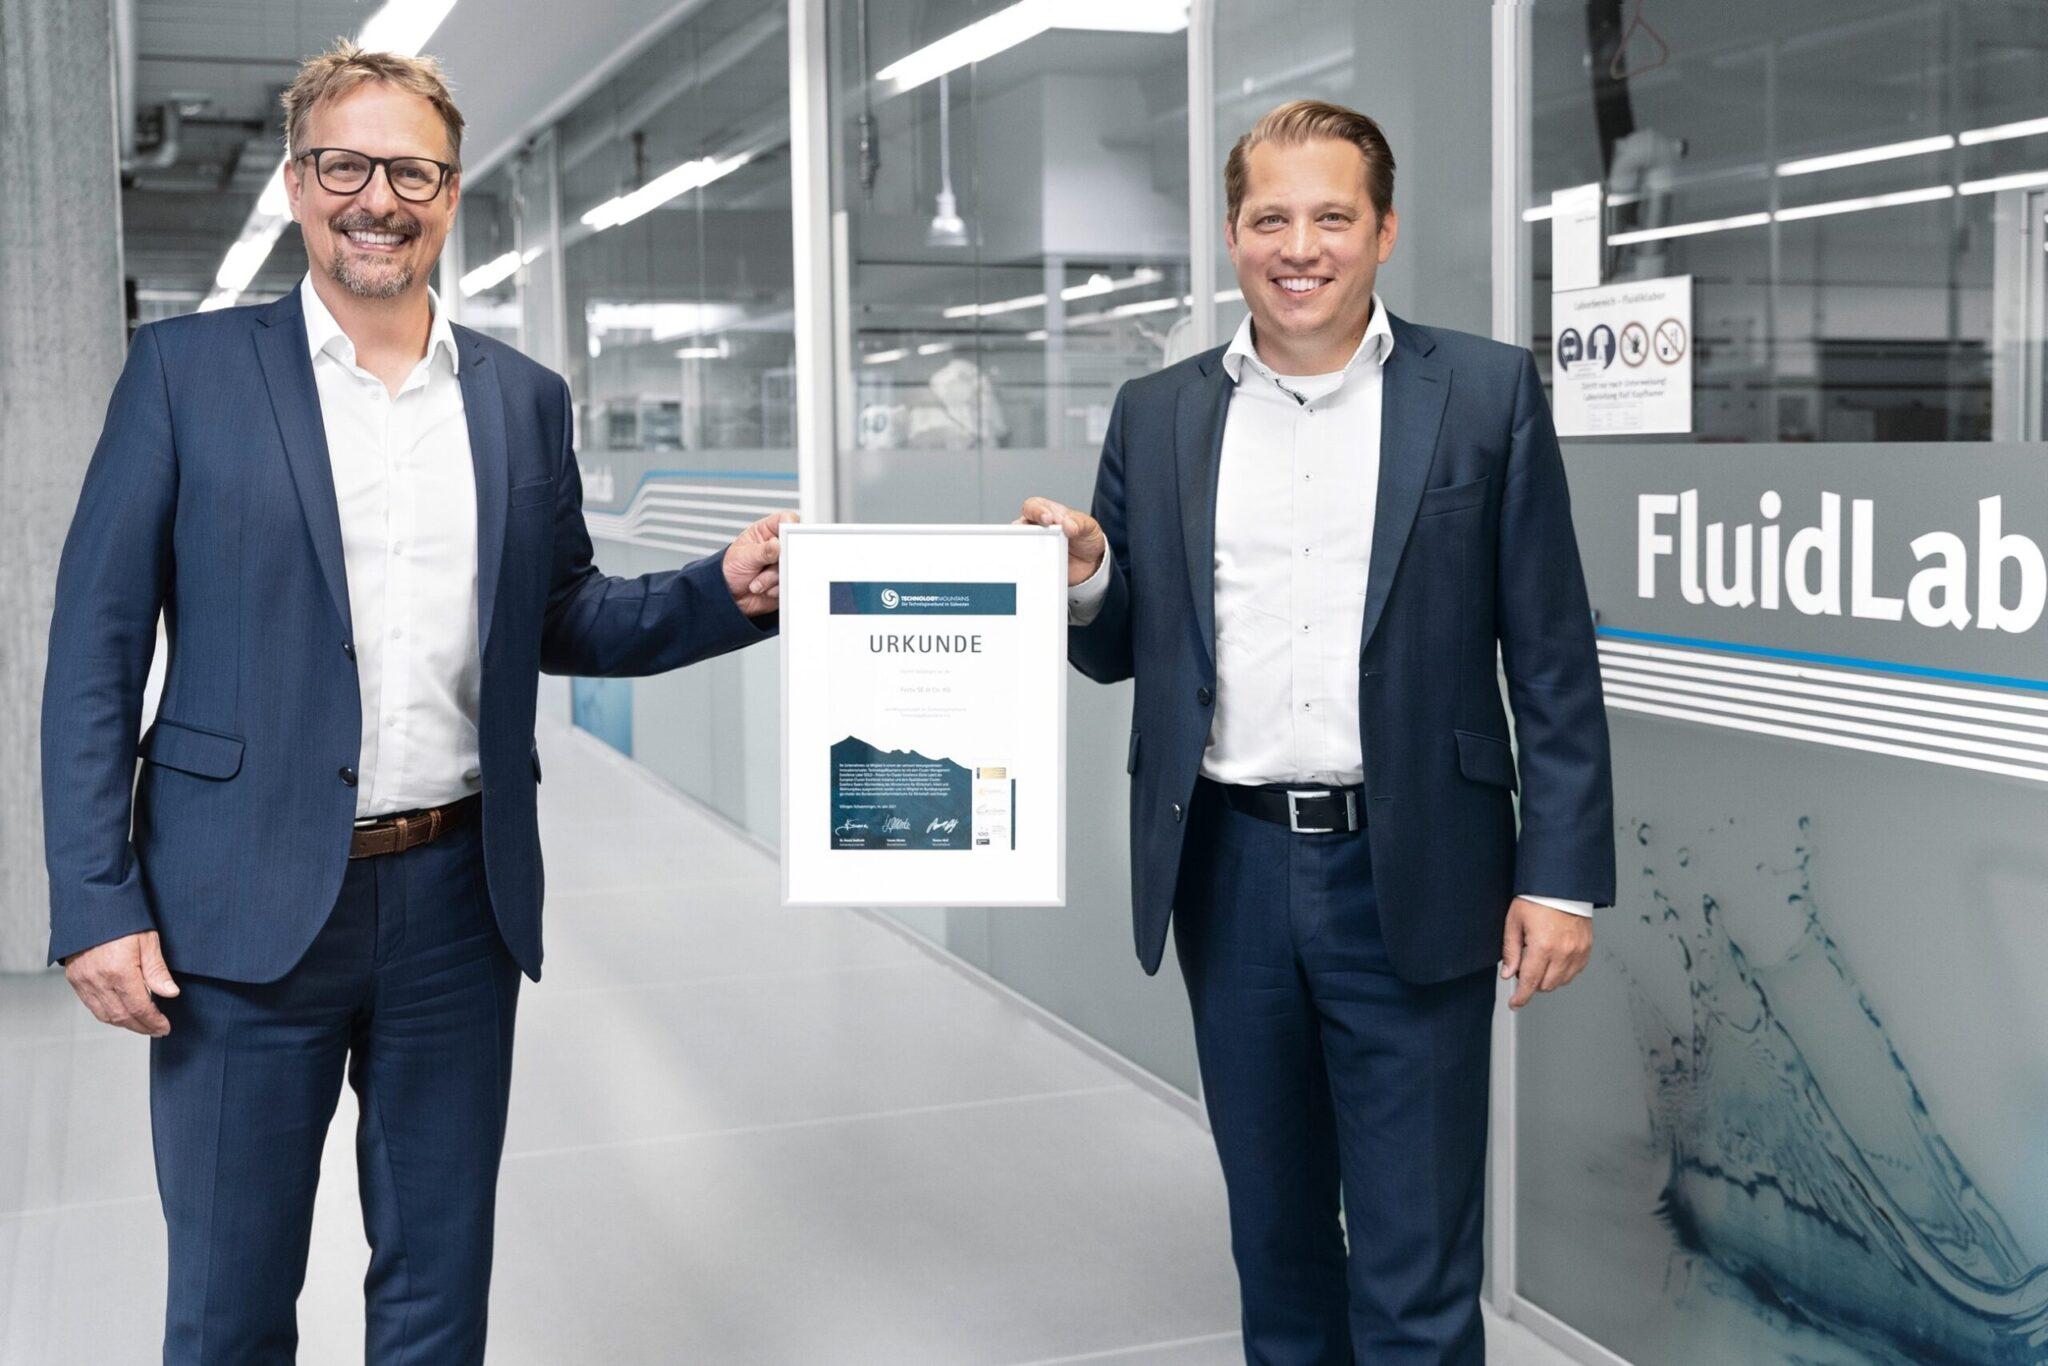 Prof. Dr. Volker Nestle, Entwicklungsleiter LifeTech bei Festo (links), und Dr. Frank Jacob, Leiter des Geschäftsbereichs LifeTech bei Festo, halten die Urkunde in Händen. Foto: Festo